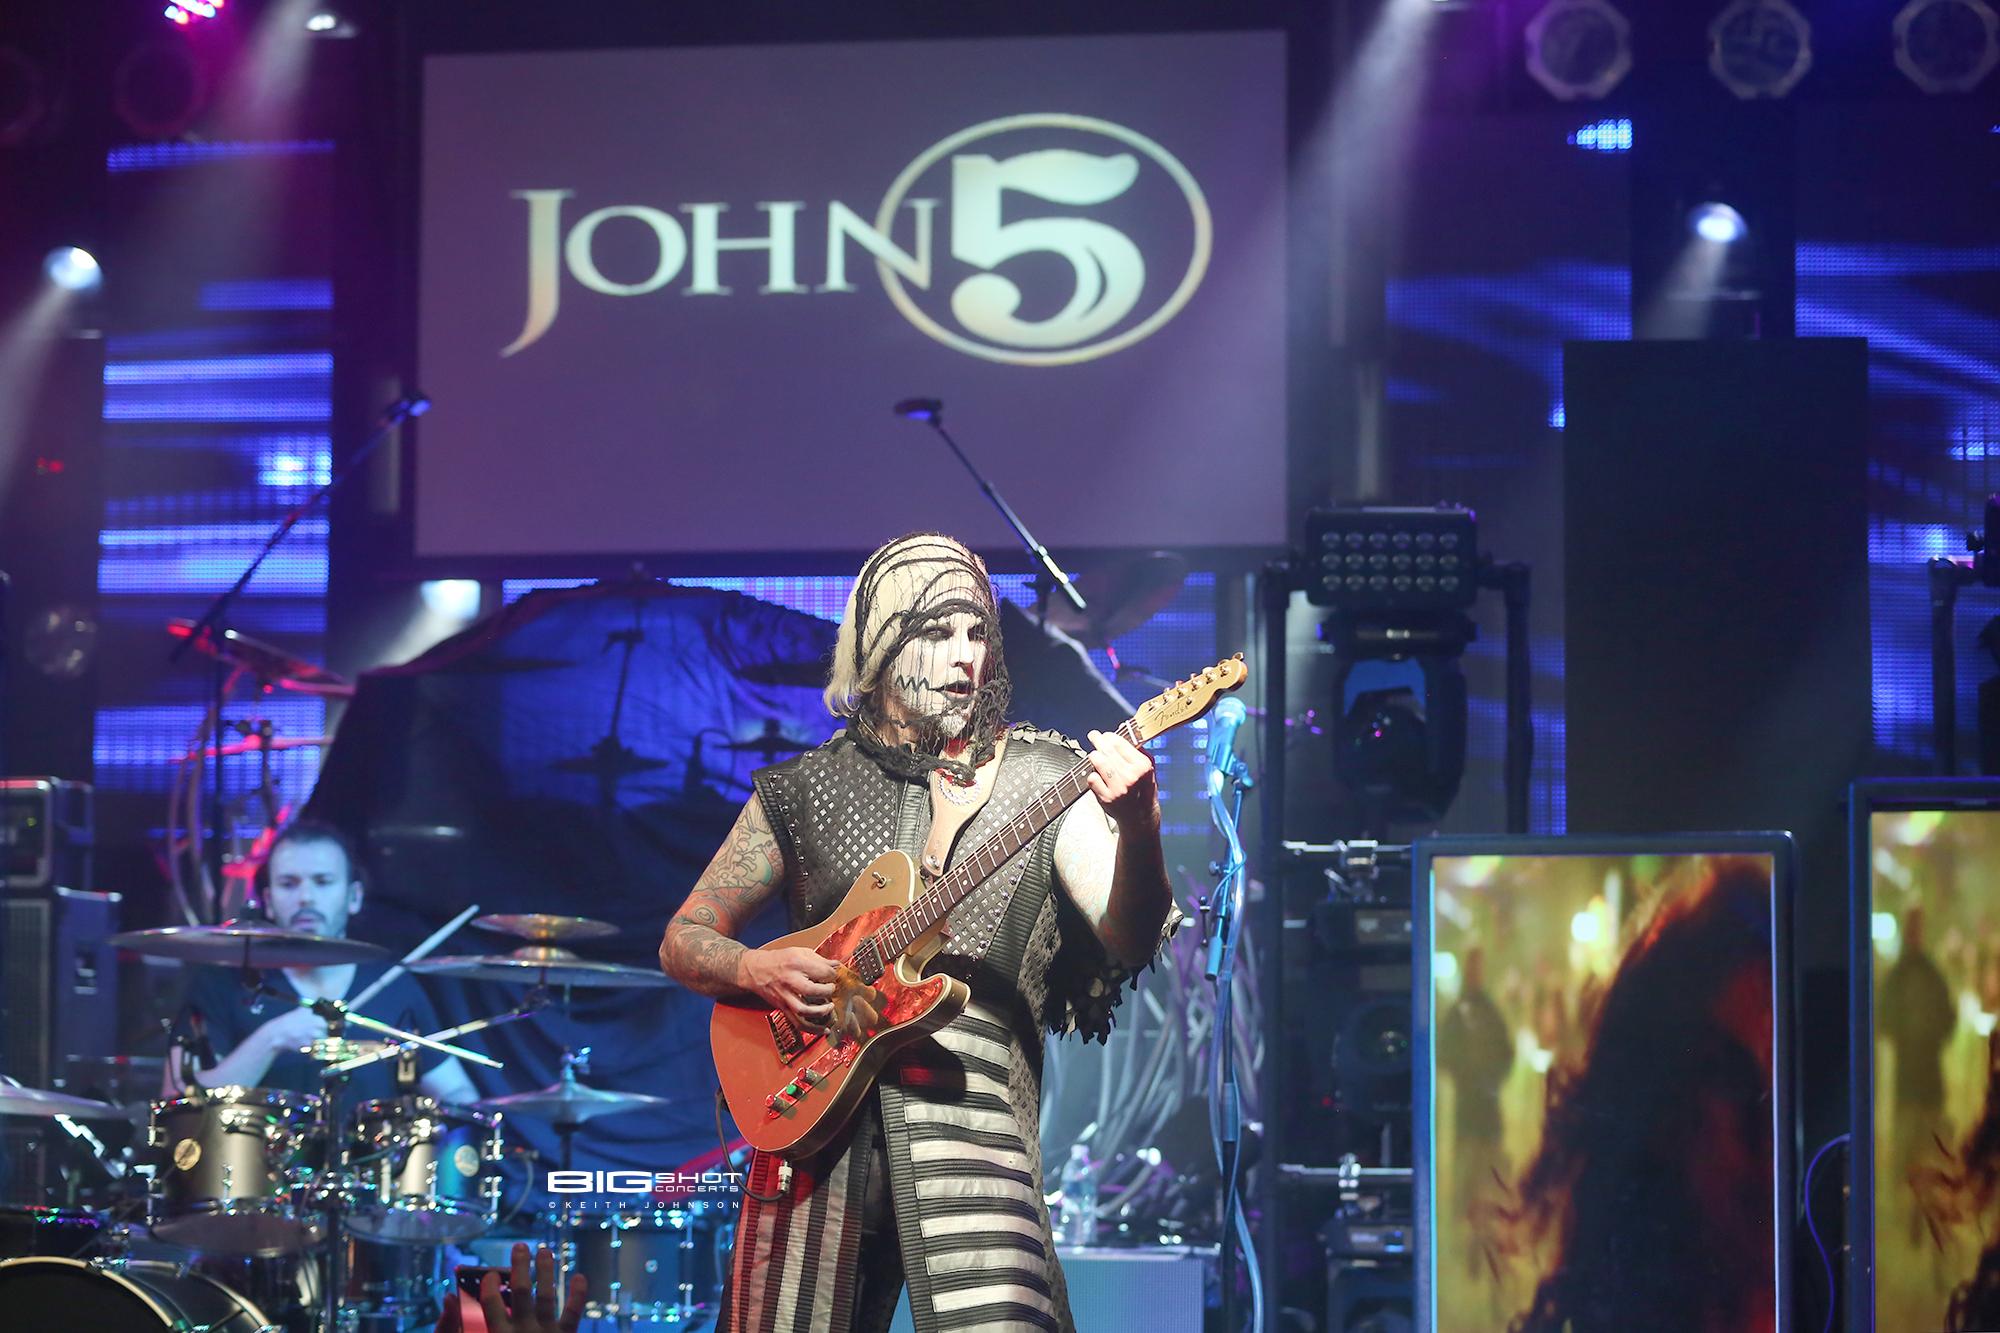 John 5 Concert at Culture Room